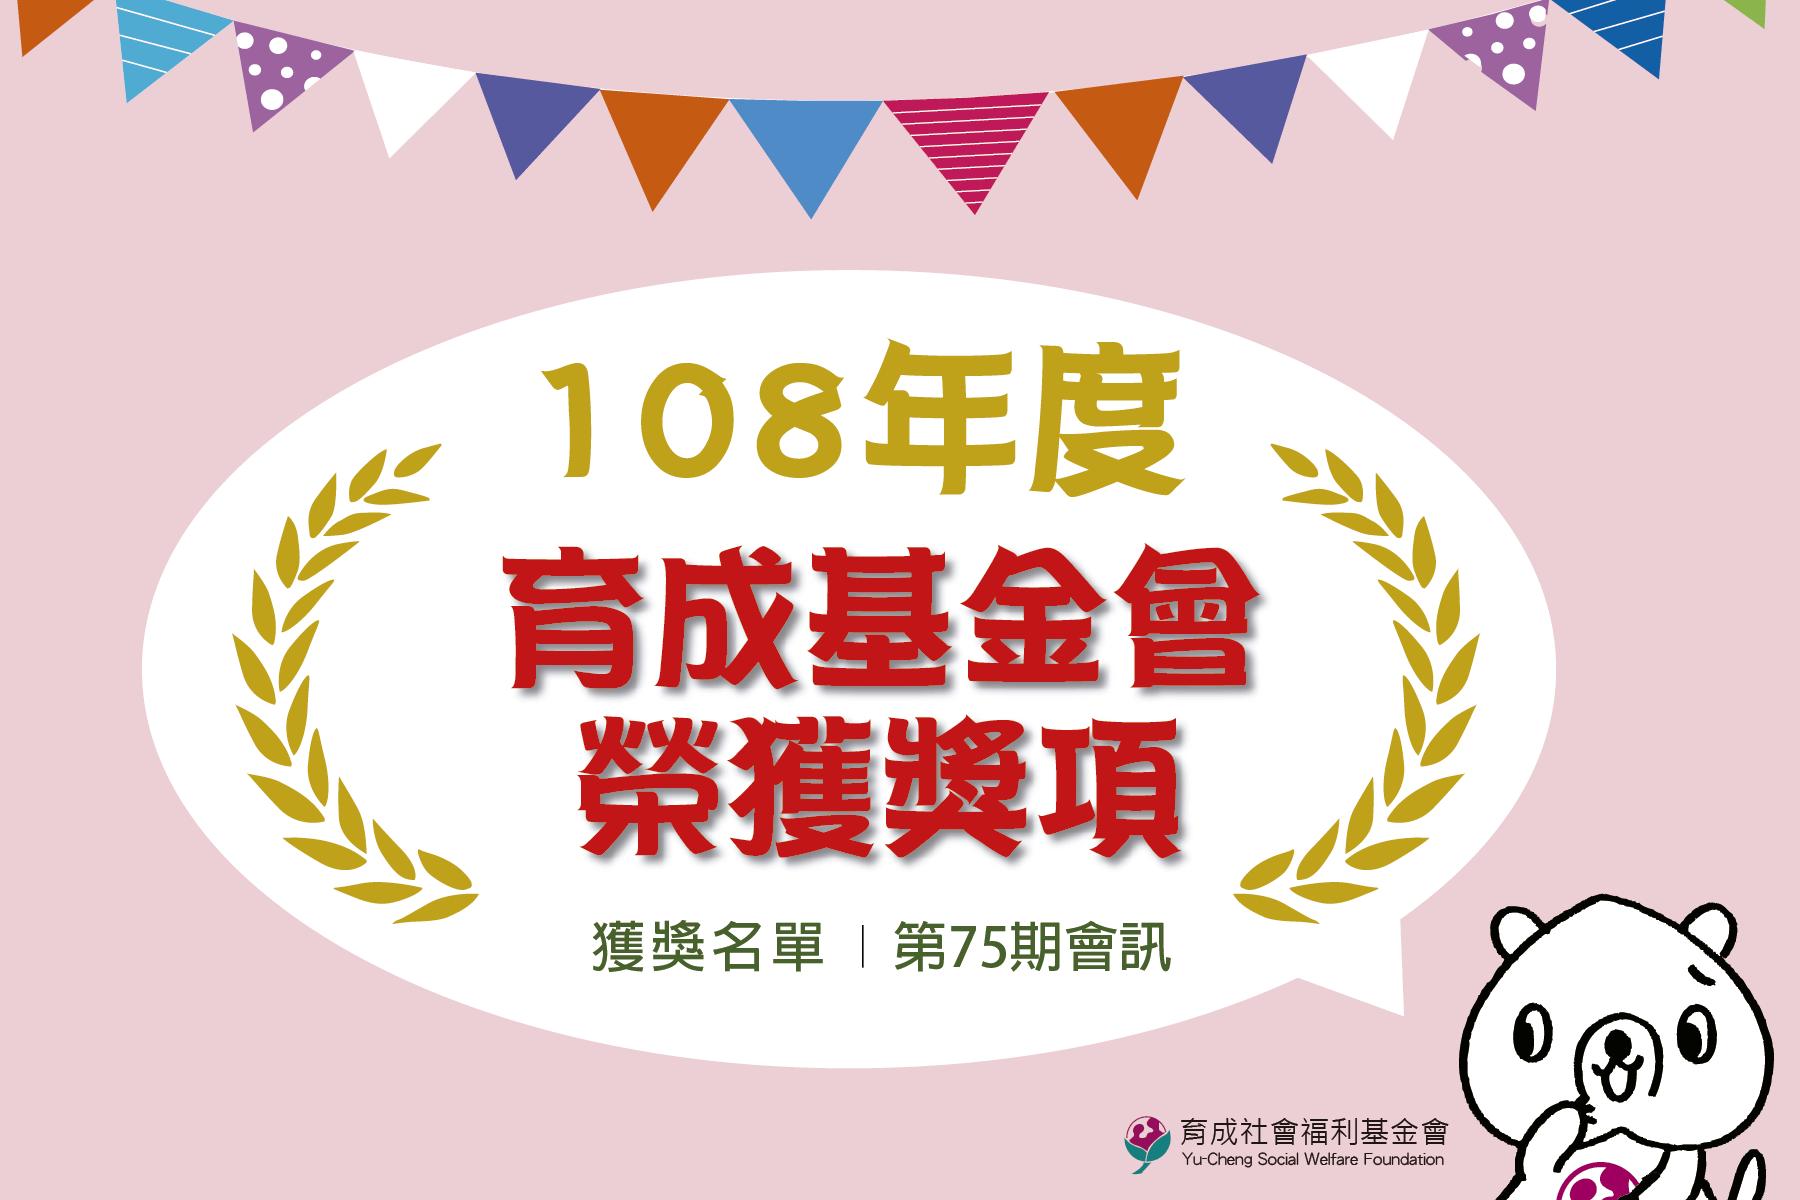 【狂賀】育成的榮耀—108年榮獲獎項 代表圖